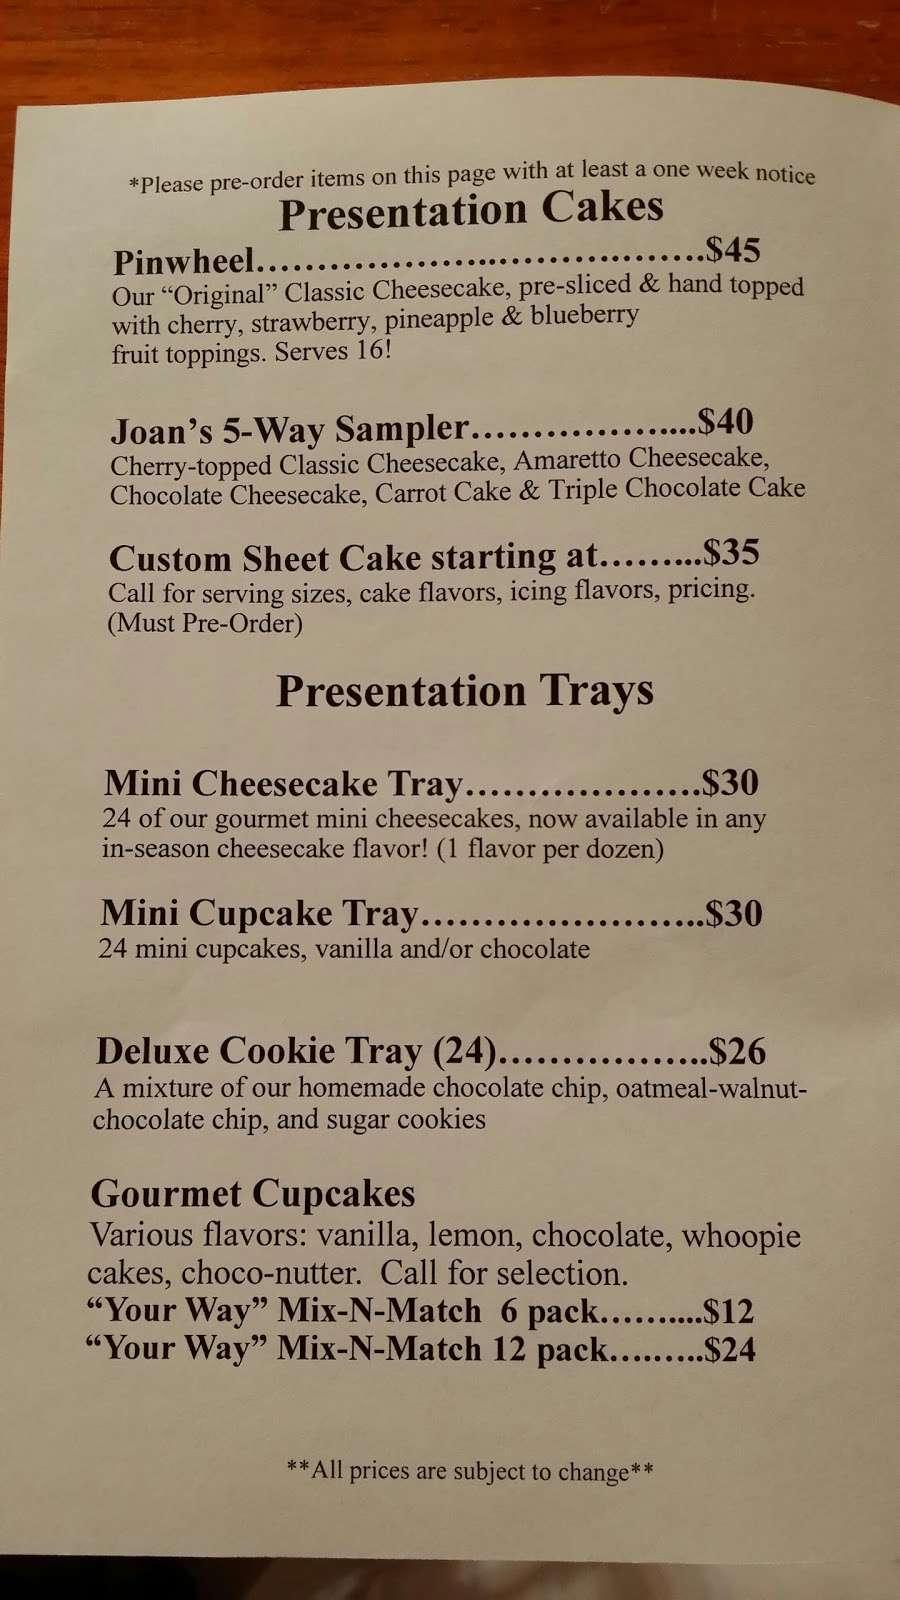 Tuckahoe Cheesecake - bakery  | Photo 10 of 10 | Address: 2177 NJ-50, Tuckahoe, NJ 08250, USA | Phone: (609) 628-2154